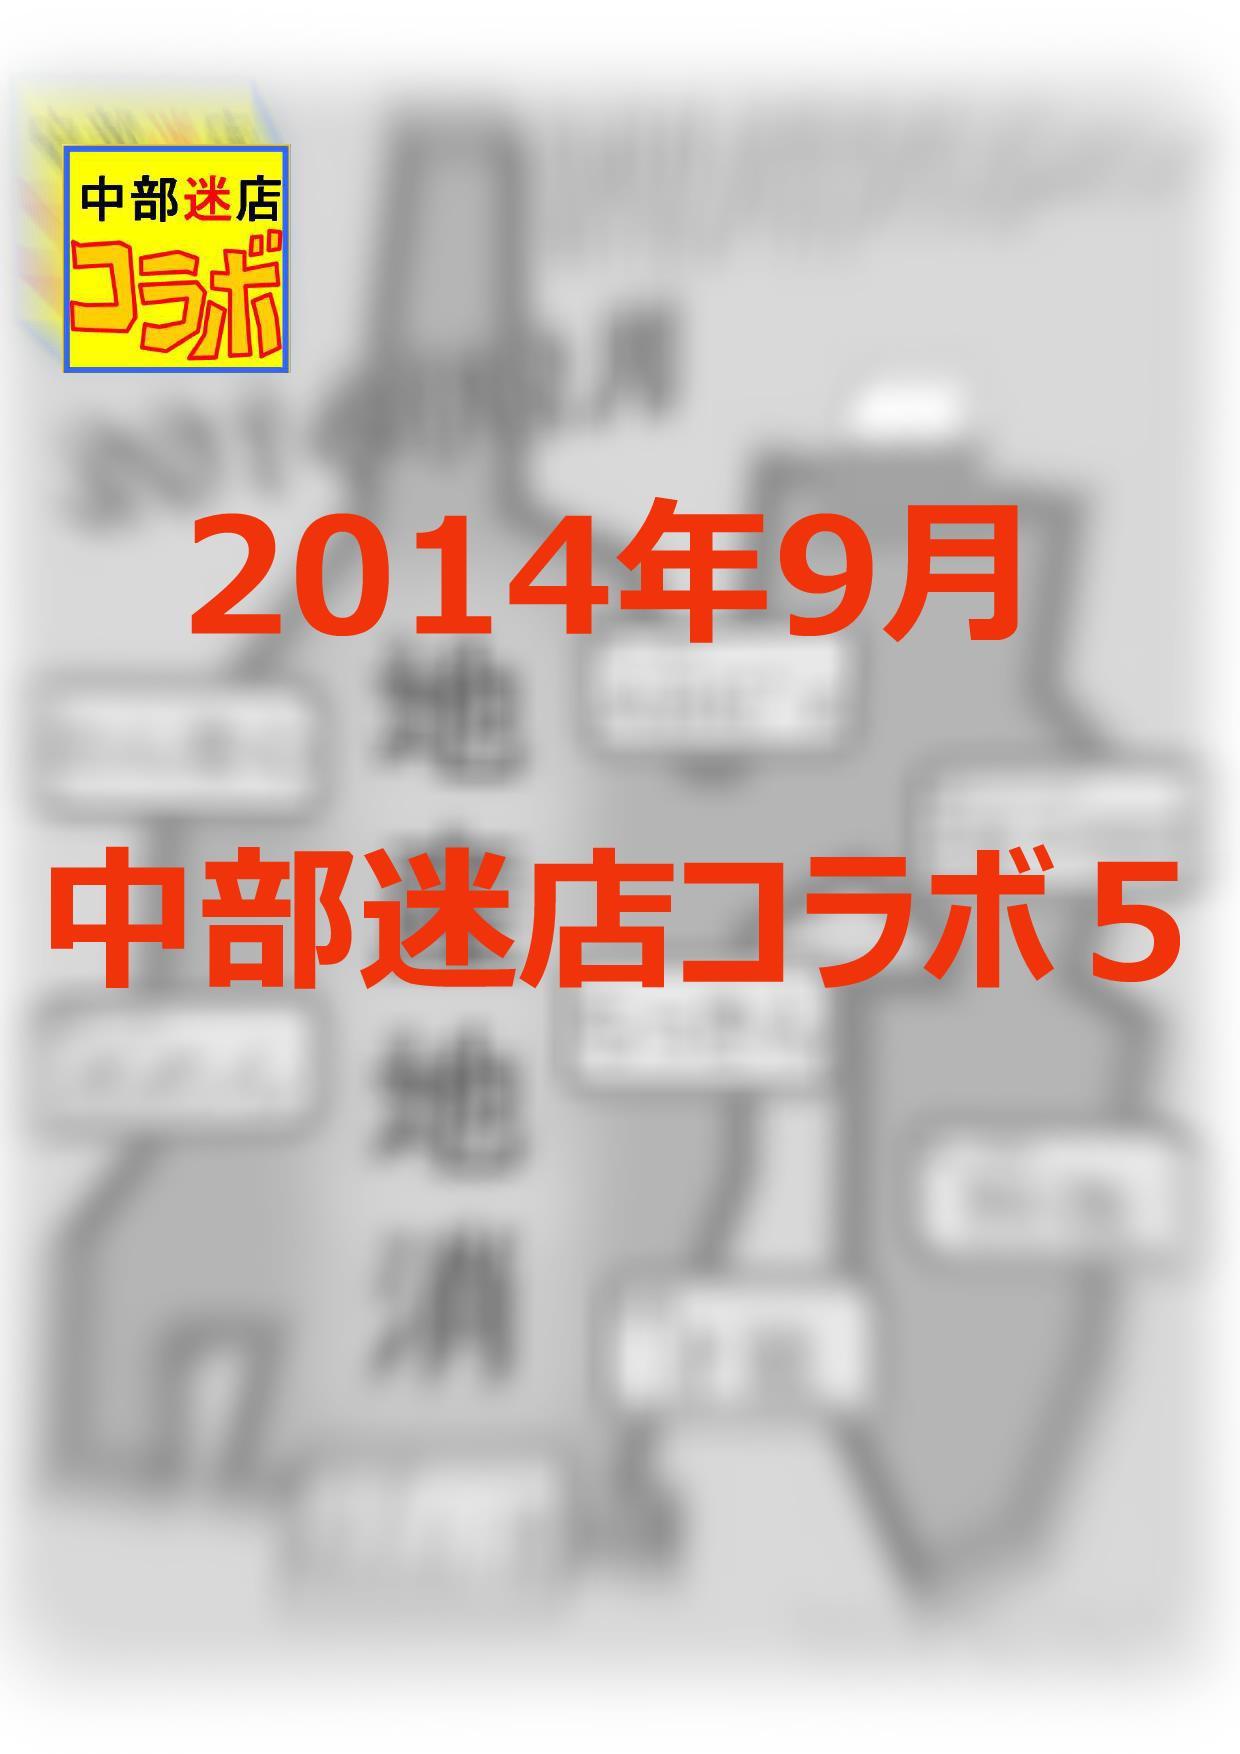 【中部迷店コラボ5】テーマ決定!!